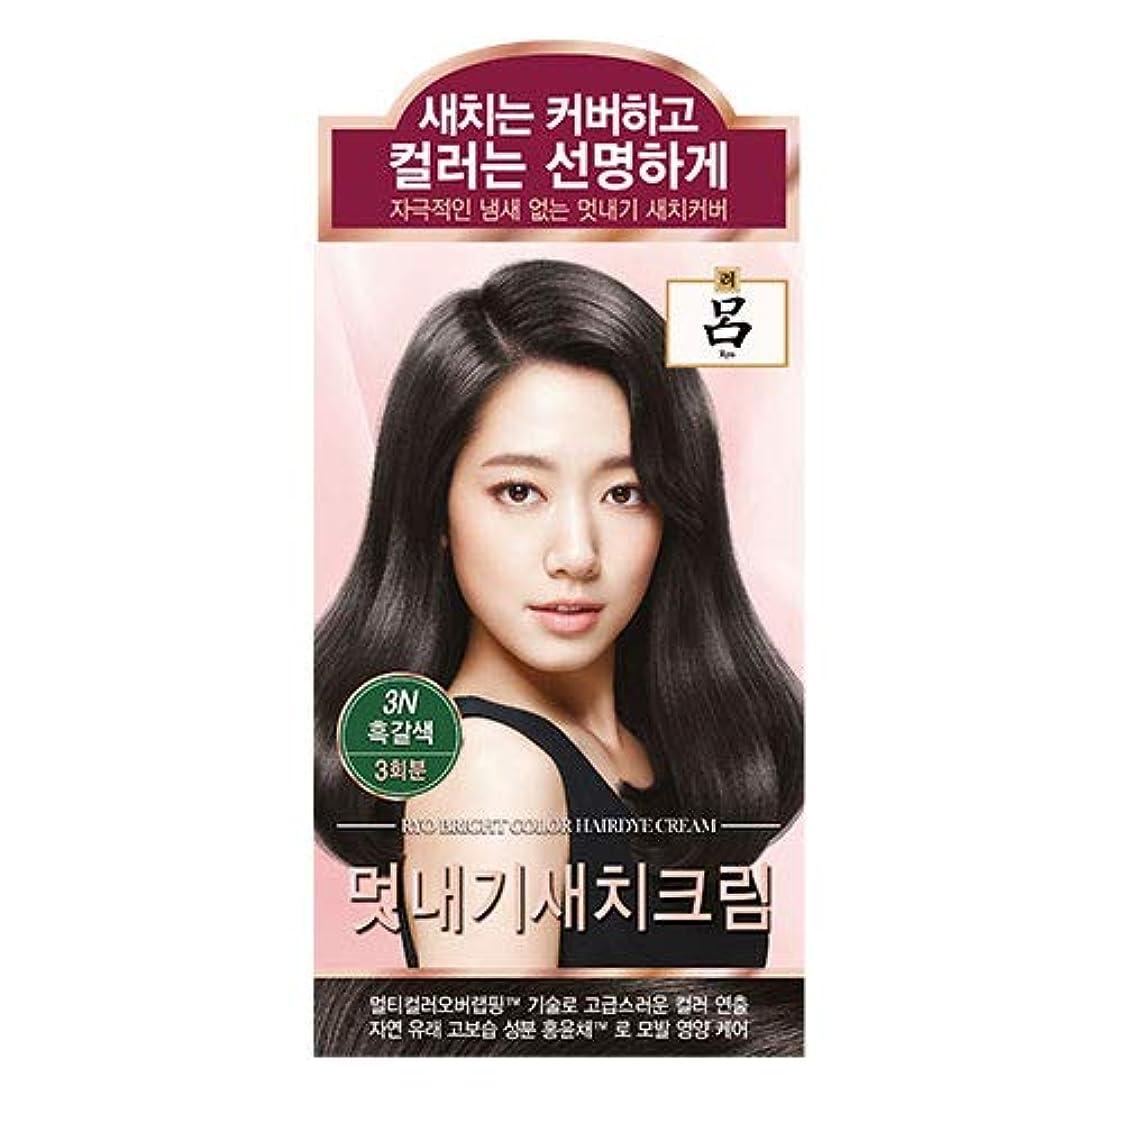 第帝国主義従事するアモーレパシフィック呂[AMOREPACIFIC/Ryo] ブライトカラーヘアアイクリーム 3N ダークブラウン/Bright Color Hairdye Cream 3N Dark Brown